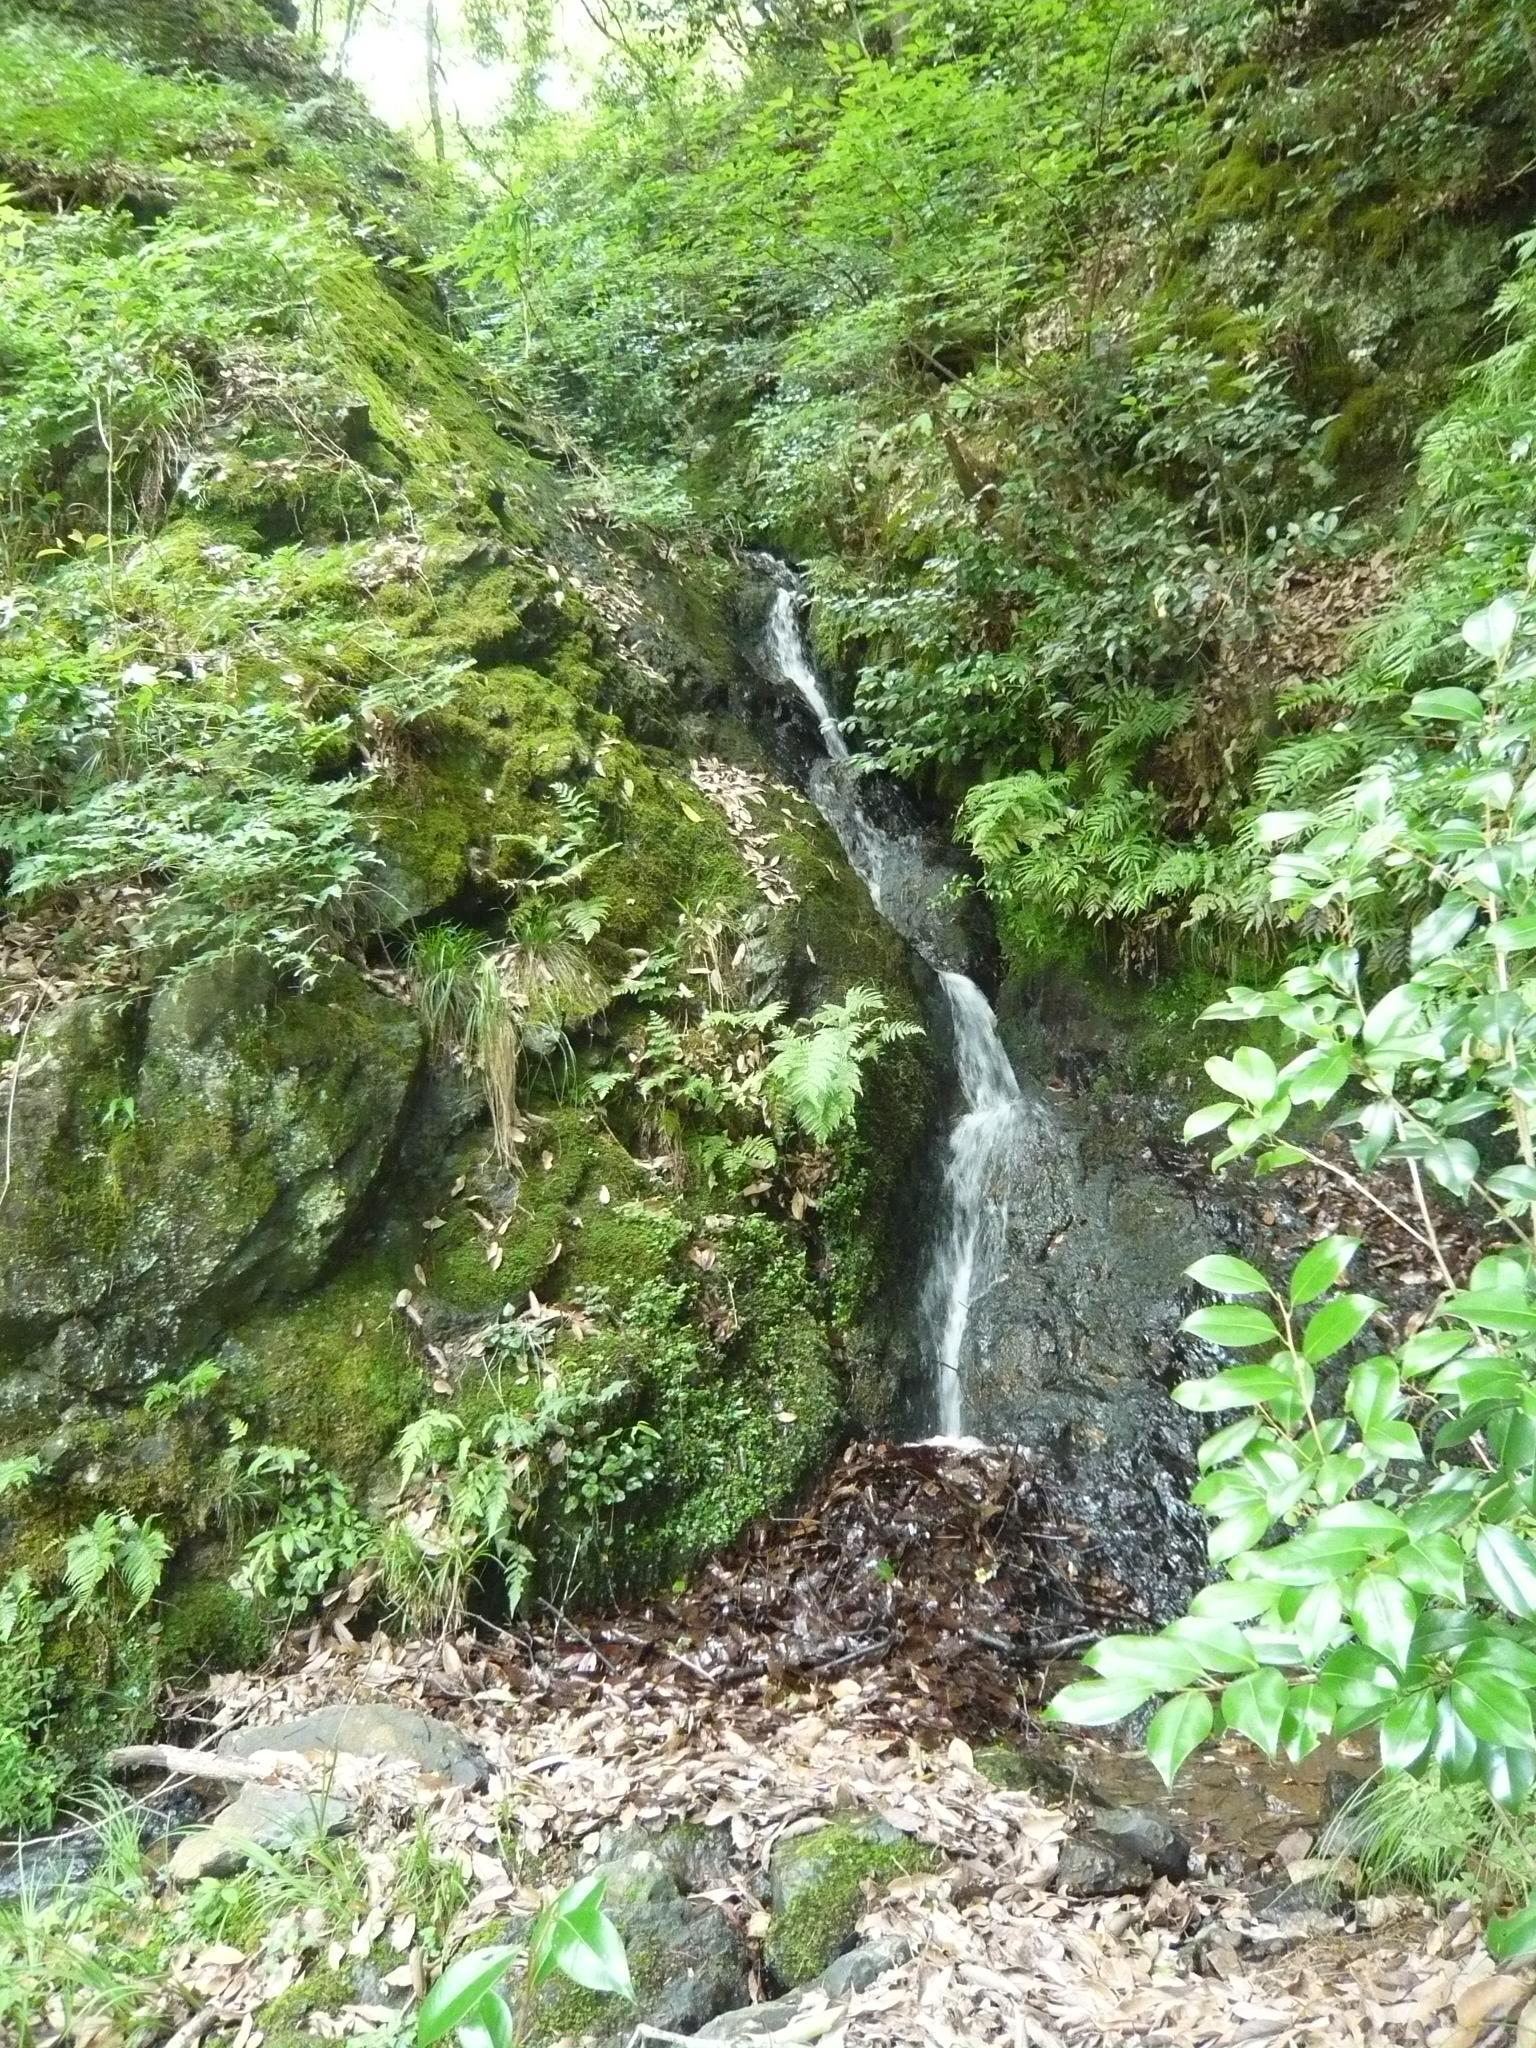 滝紀行◆独鈷の滝(兵庫県丹波市氷上町)